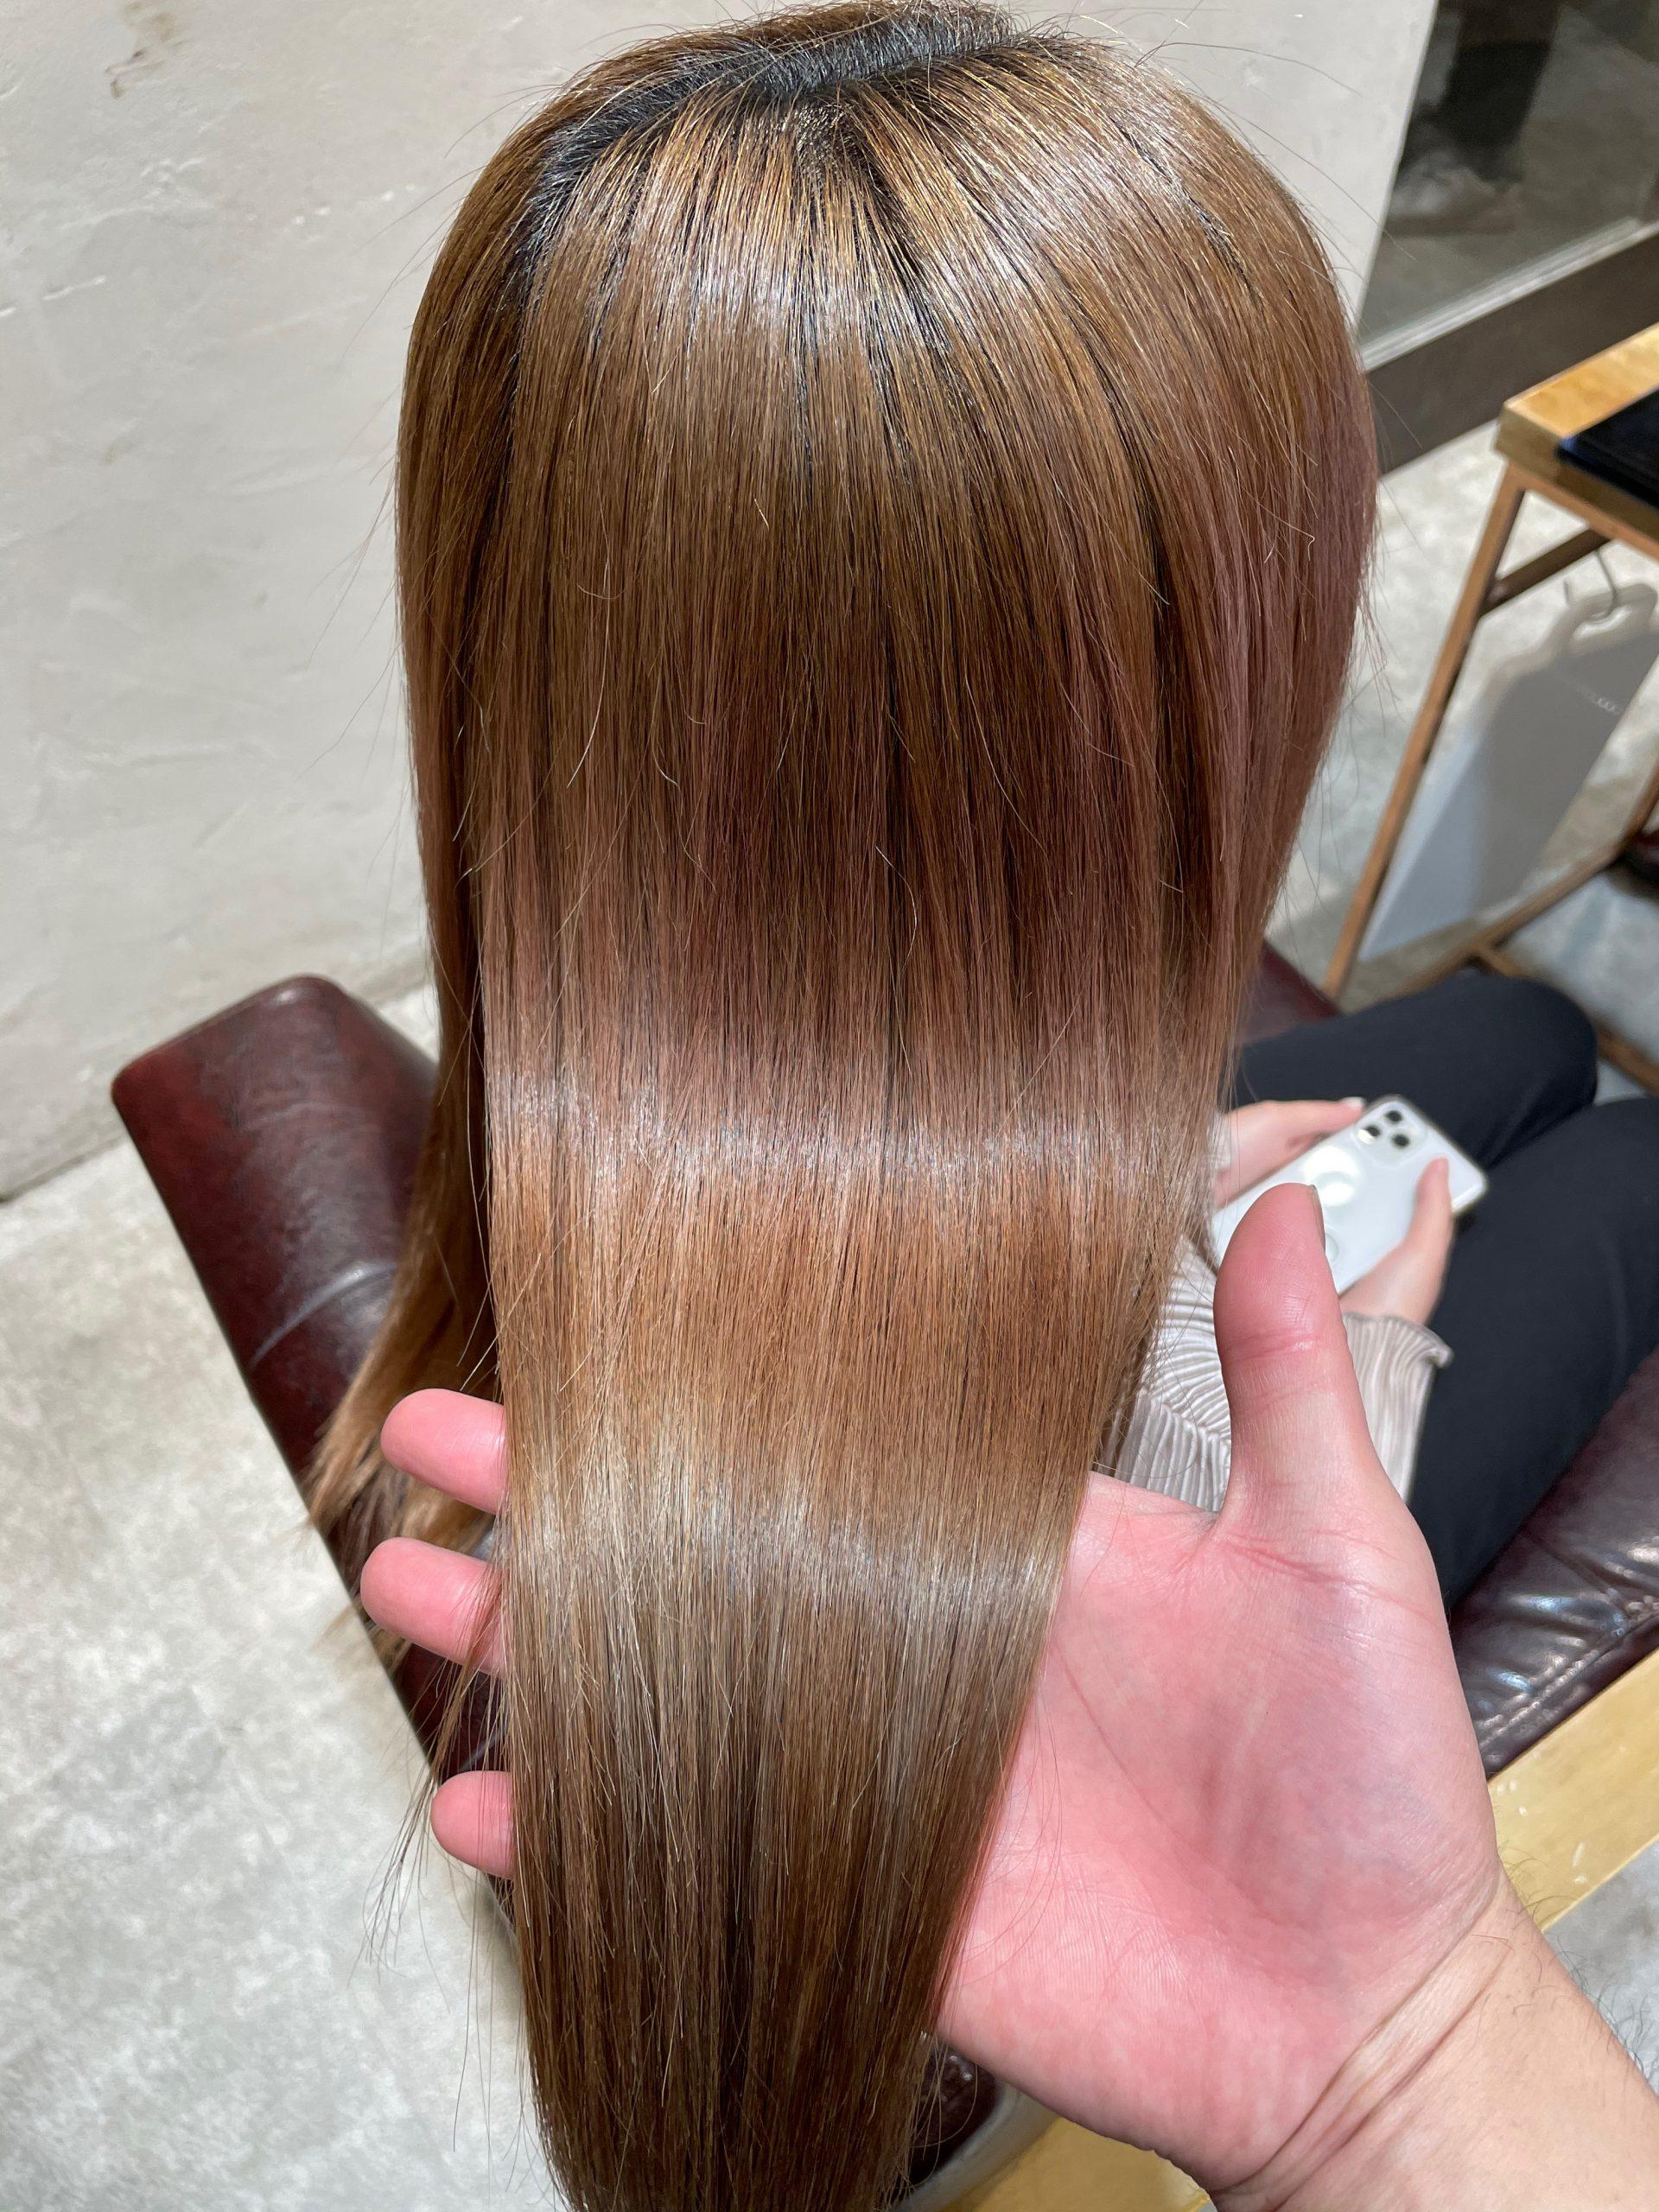 ブリーチ毛に縮毛矯正をかけた髪のツヤ